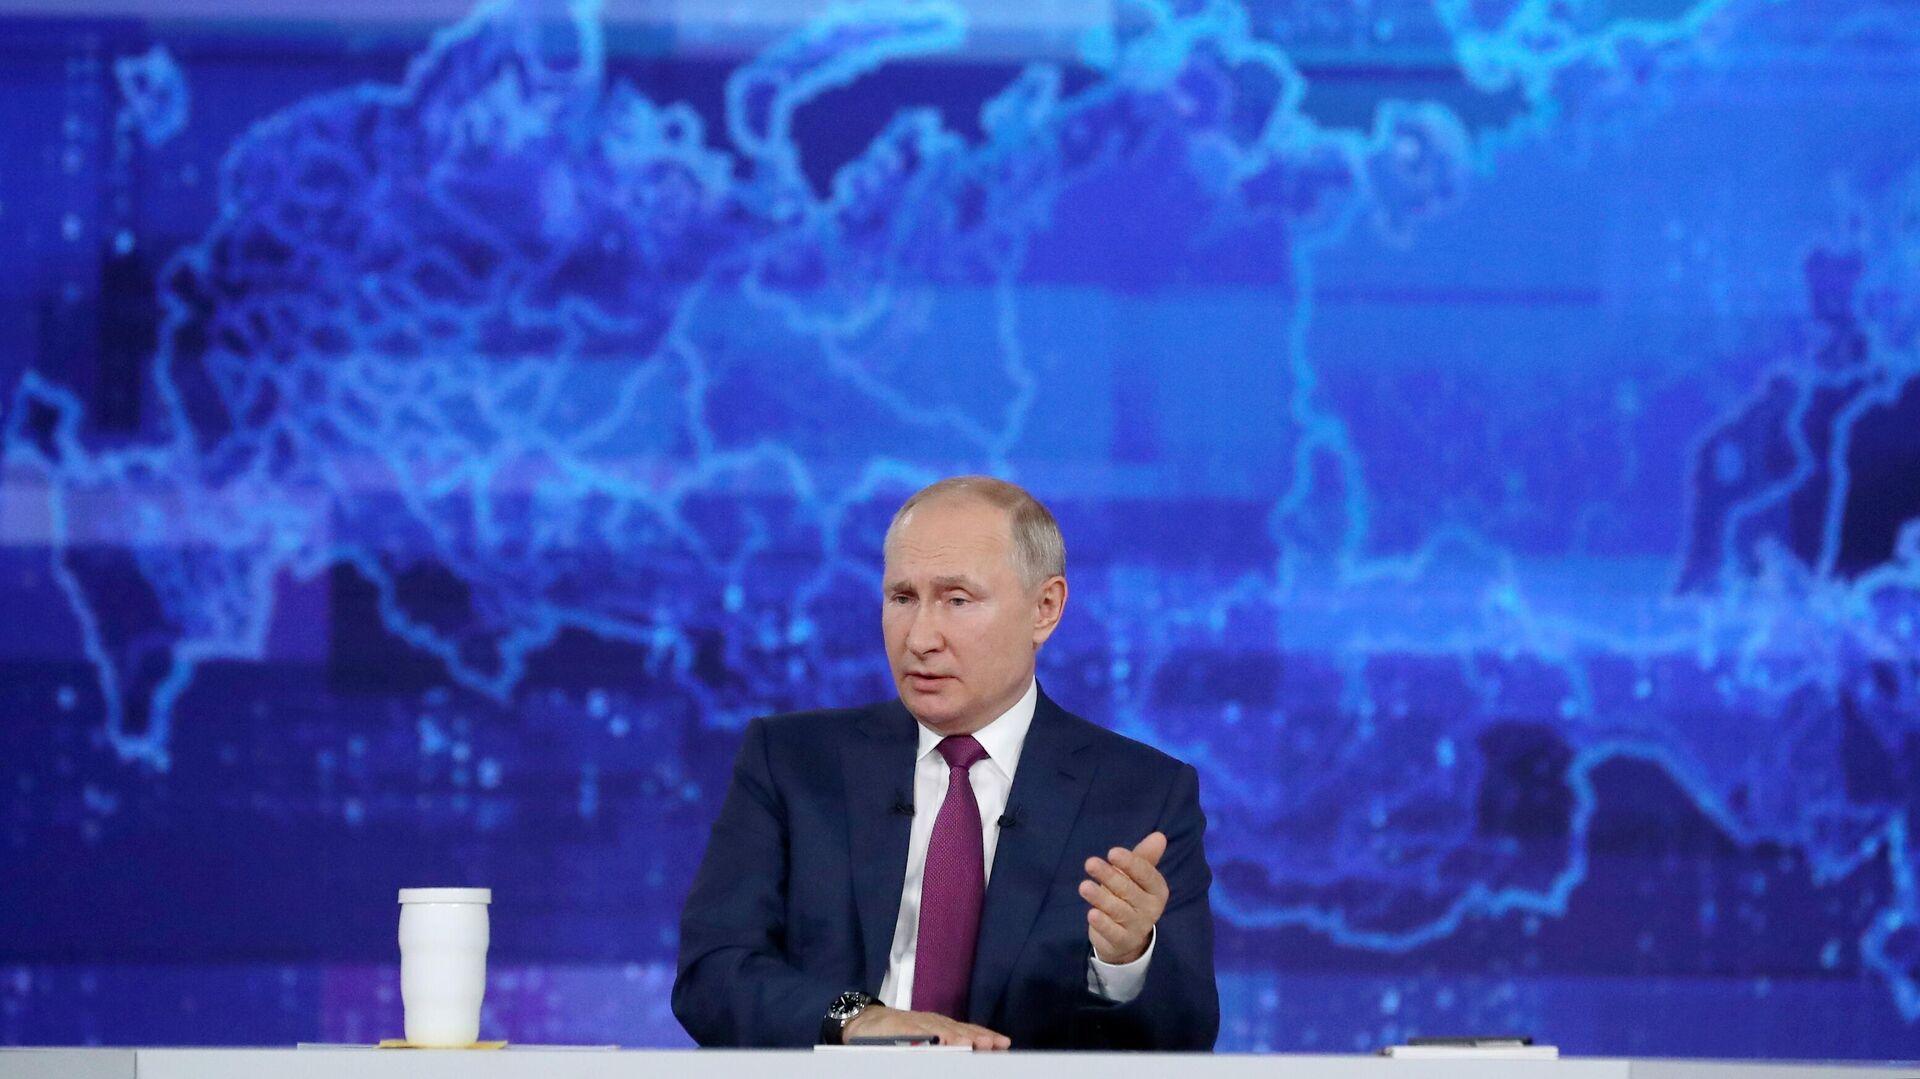 La linea diretta con Vladimir Putin - Sputnik Italia, 1920, 19.08.2021